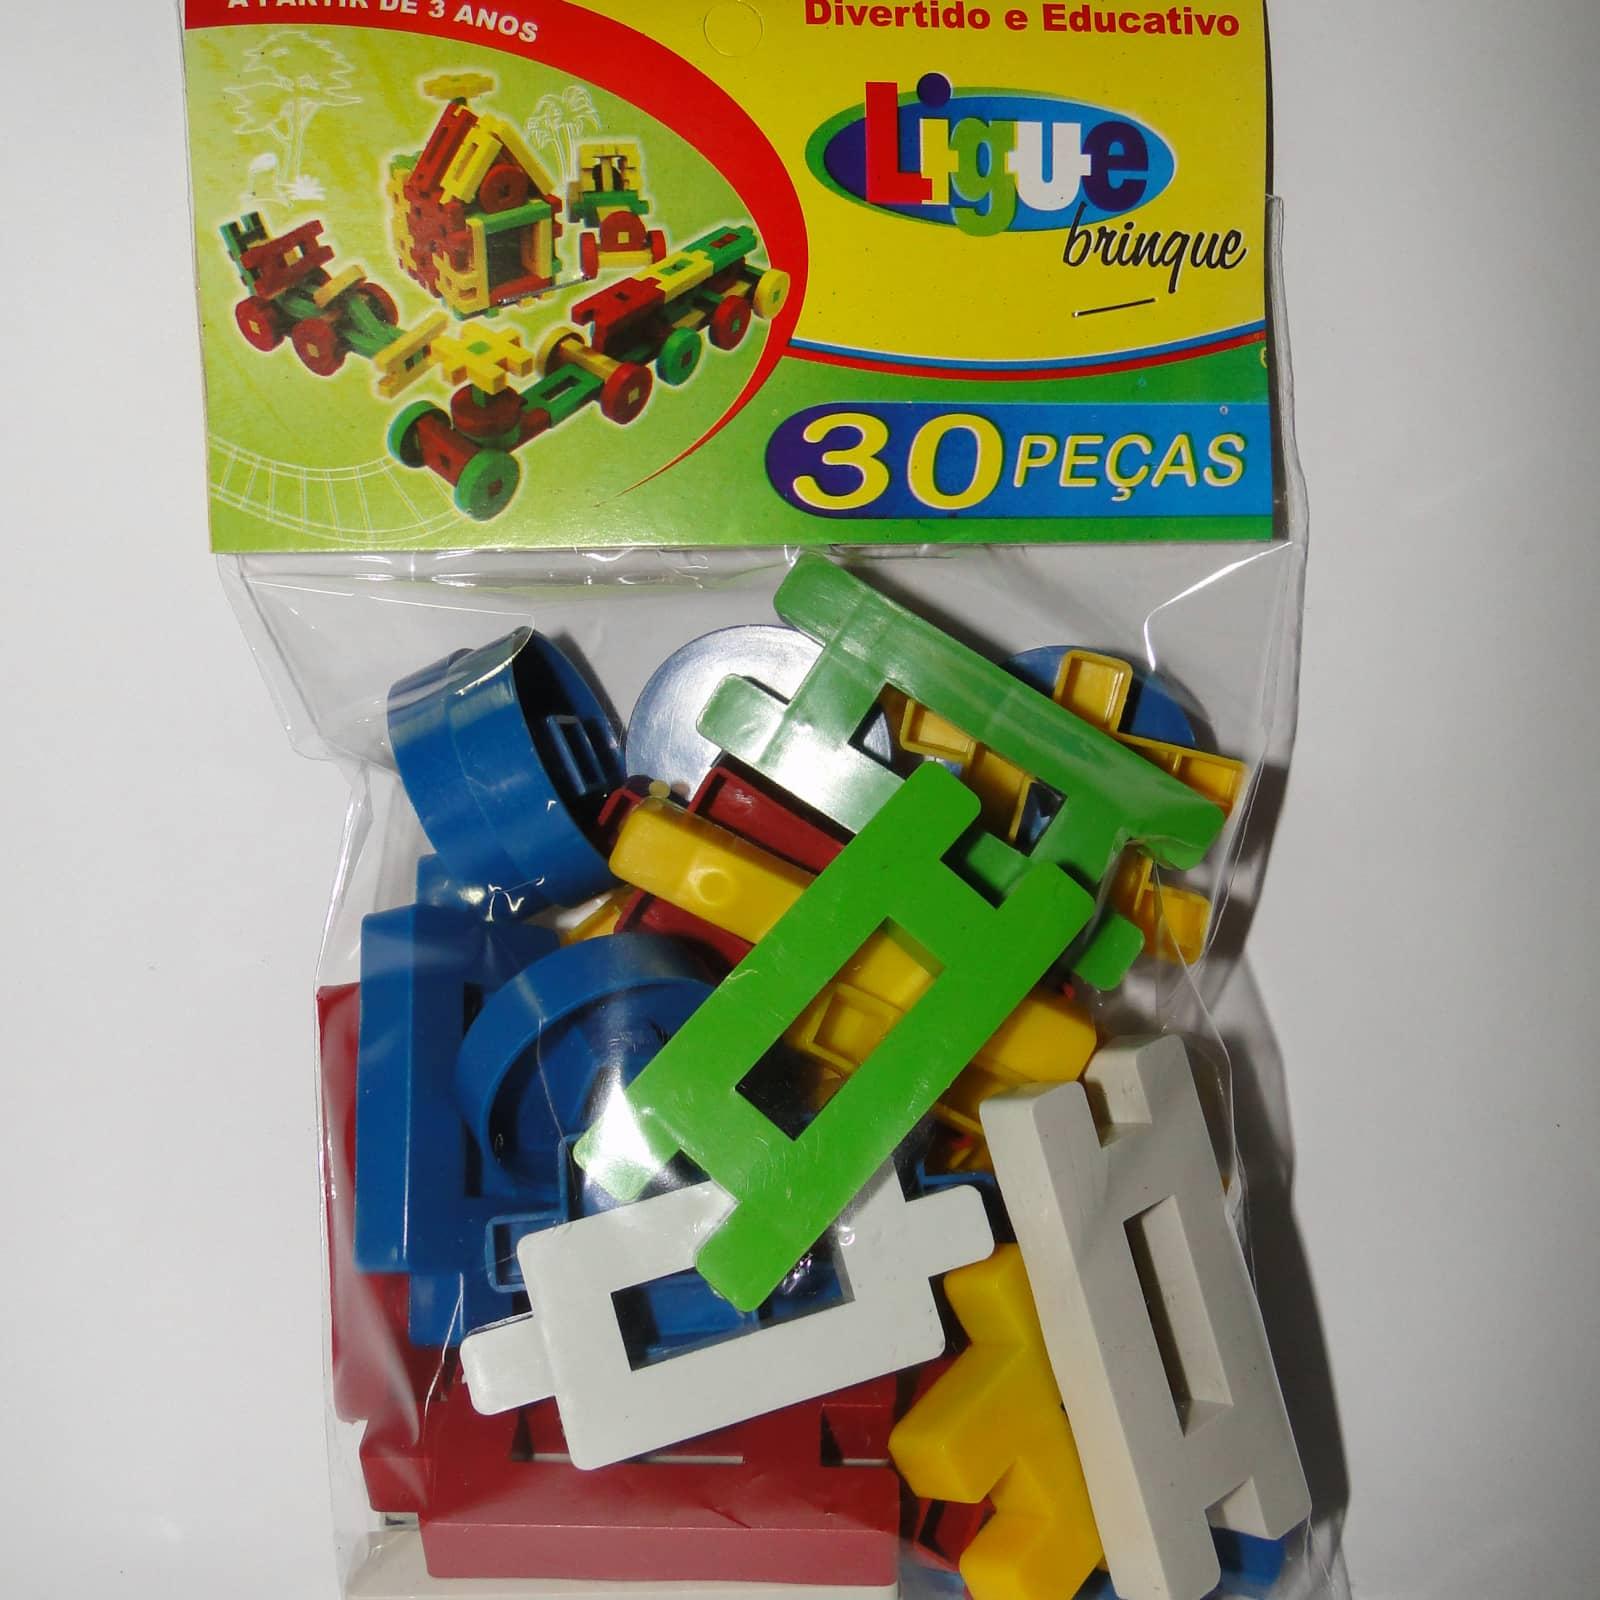 Ligue Brinque 30 peças - Ref 018